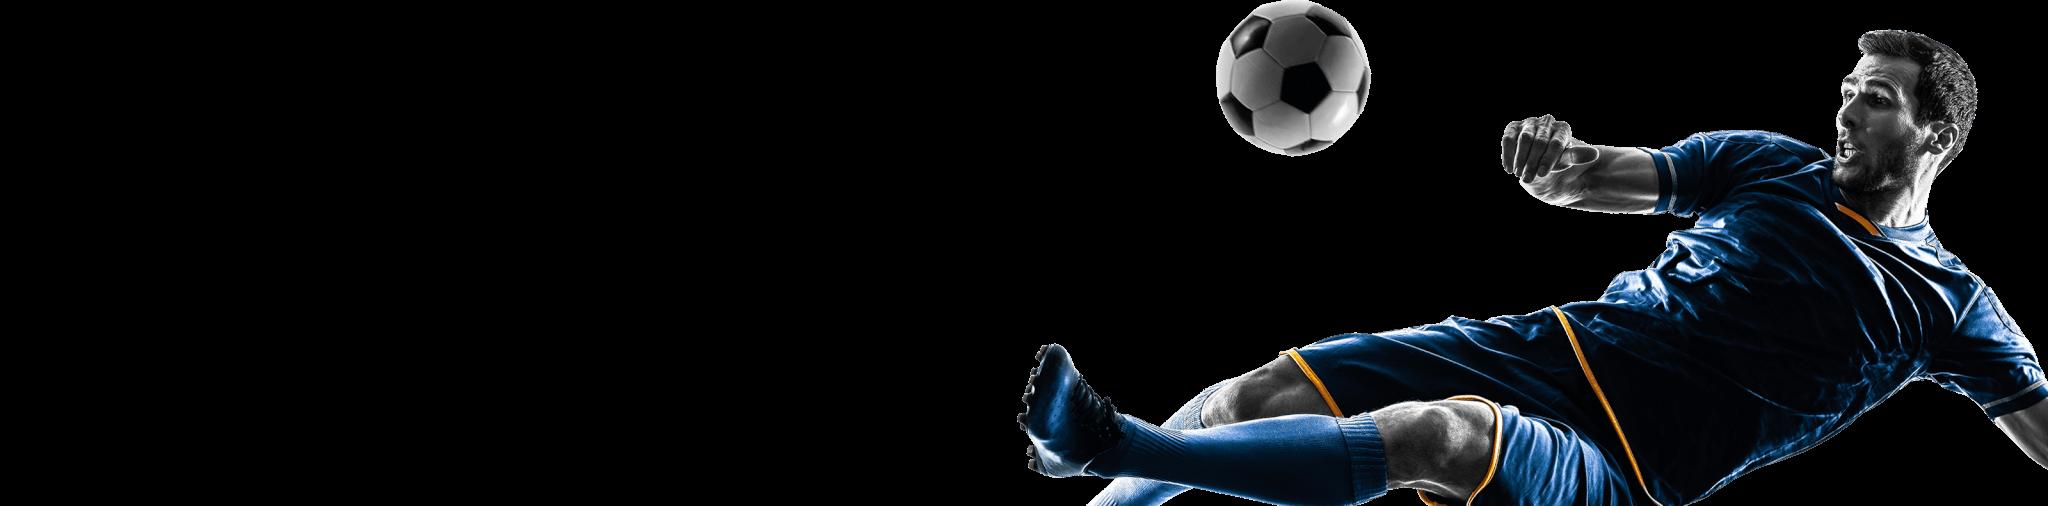 http://skivesejlklub.dk/wp-content/uploads/2017/12/inner_player.png